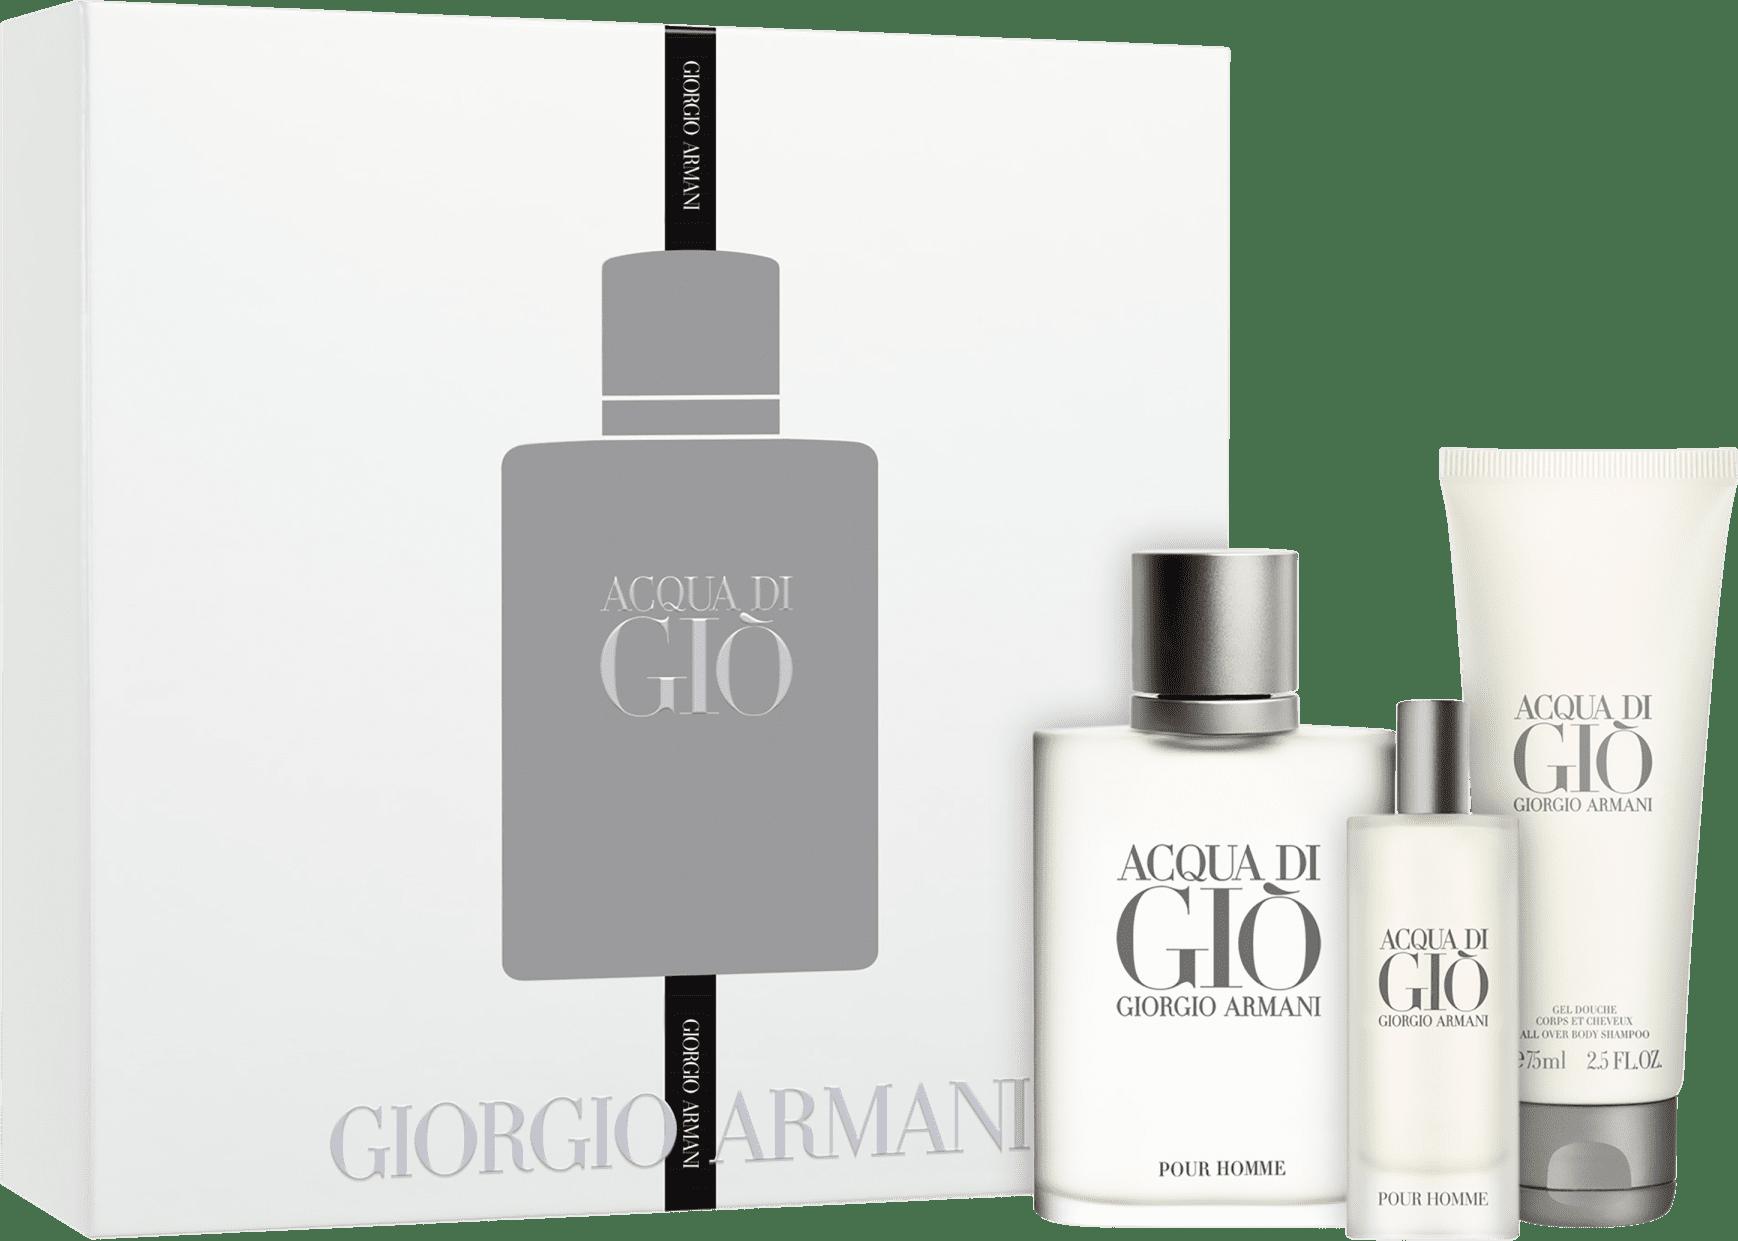 ed860eb748 Conjunto Acqua di Giò Pour Homme Giorgio Armani Masculino - Eau de Toilette  100ml + Eau